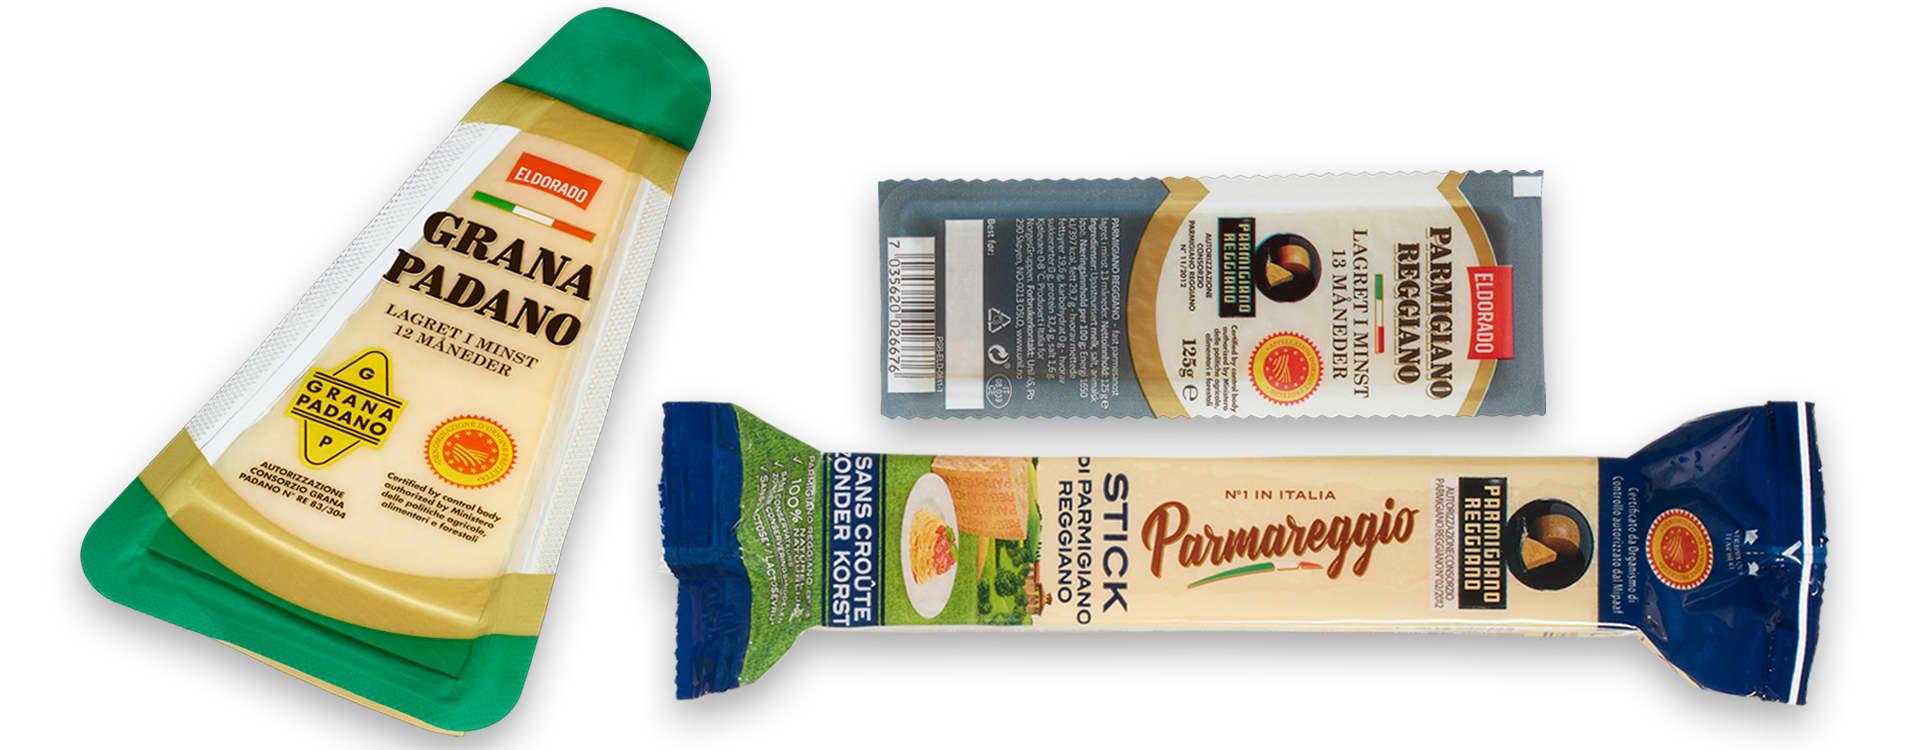 Parmesan er en veldig anvendelig ost, og fås i flere varianter hos KIWI.